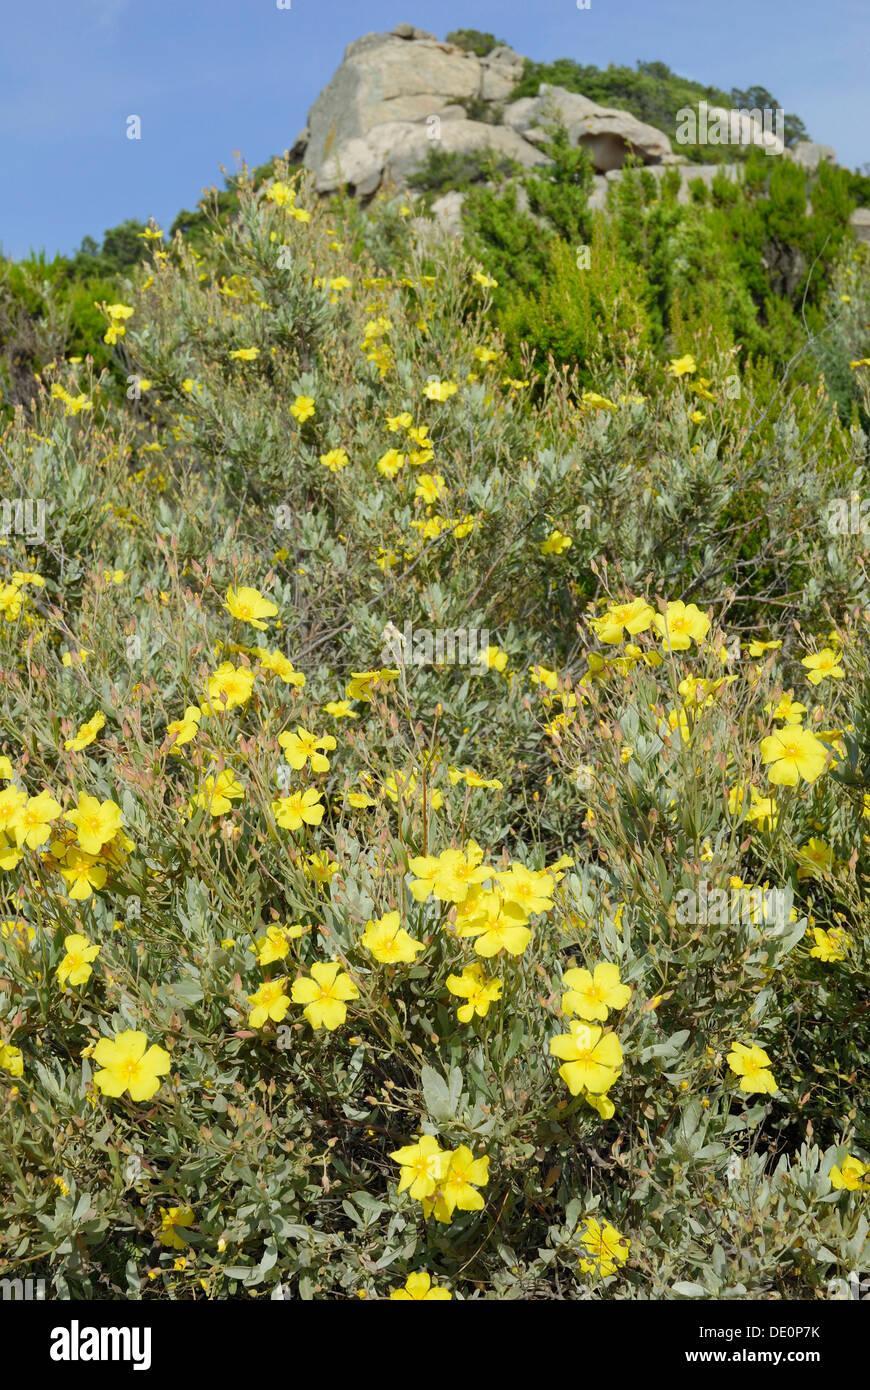 Fiori Gialli Macchia Mediterranea.Fiori Di Colore Giallo Di Un Rock Rose Halimium Halimifolium In